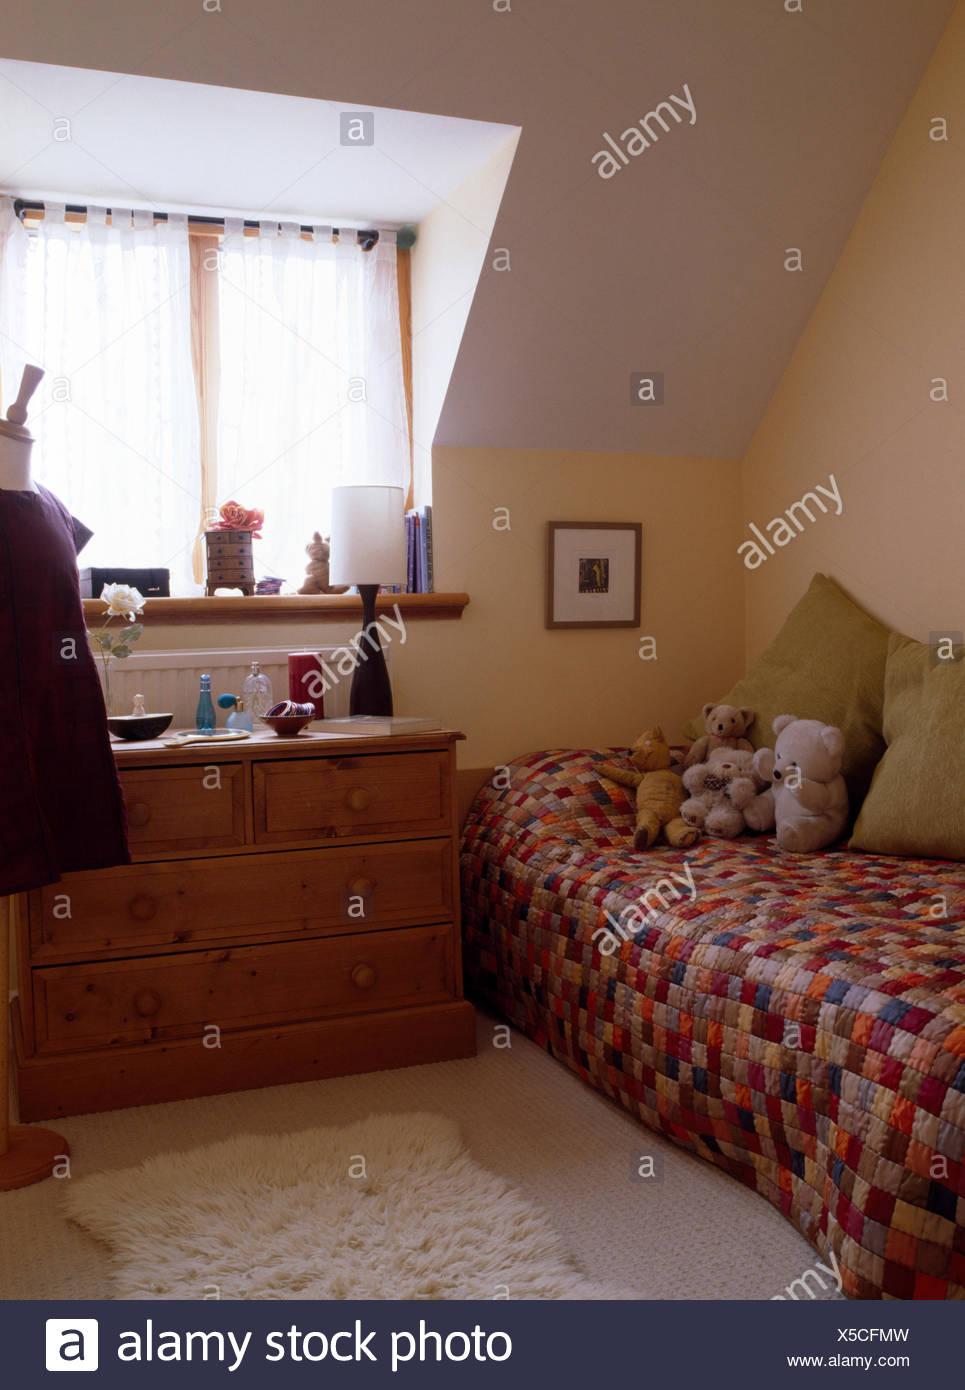 Mosaïque sur lit simple dans une chambre mansardée de l ...